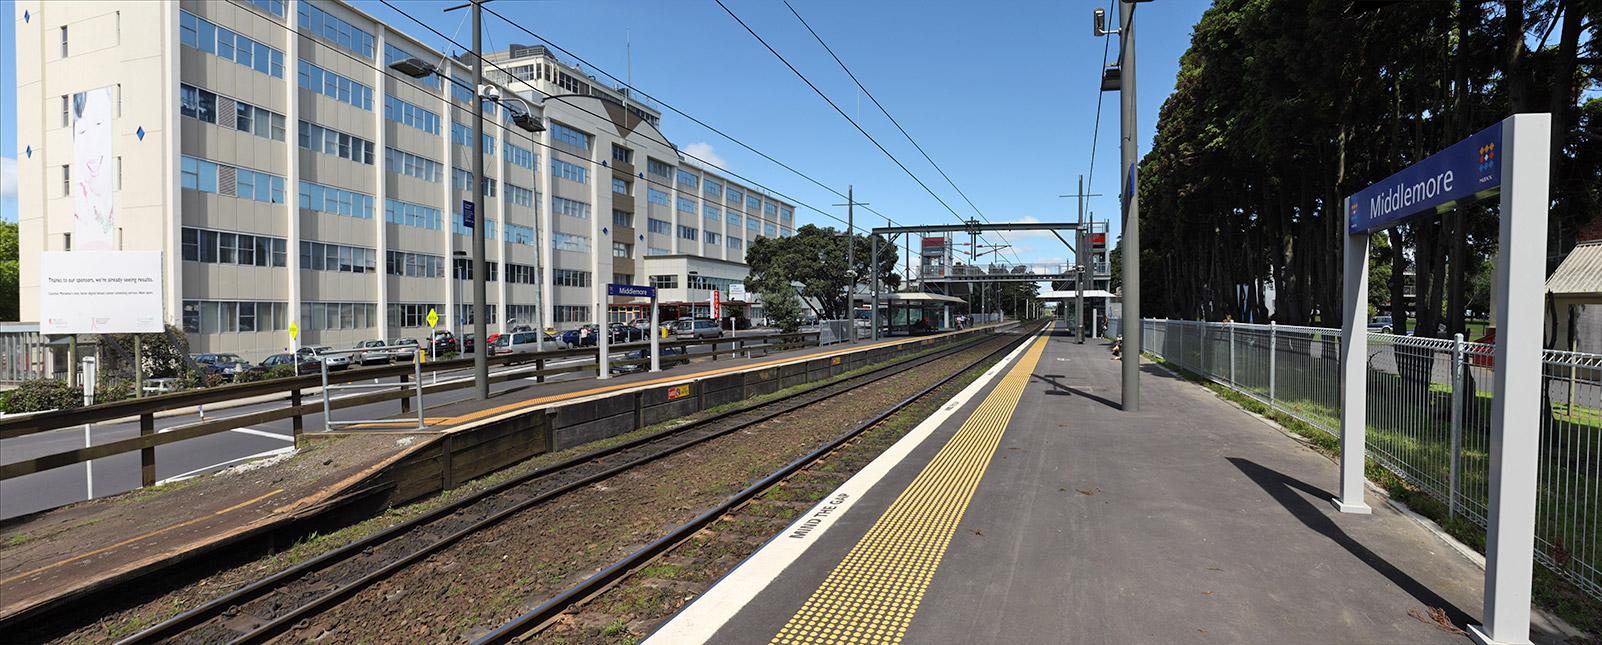 PPT13_Middlemore-Station